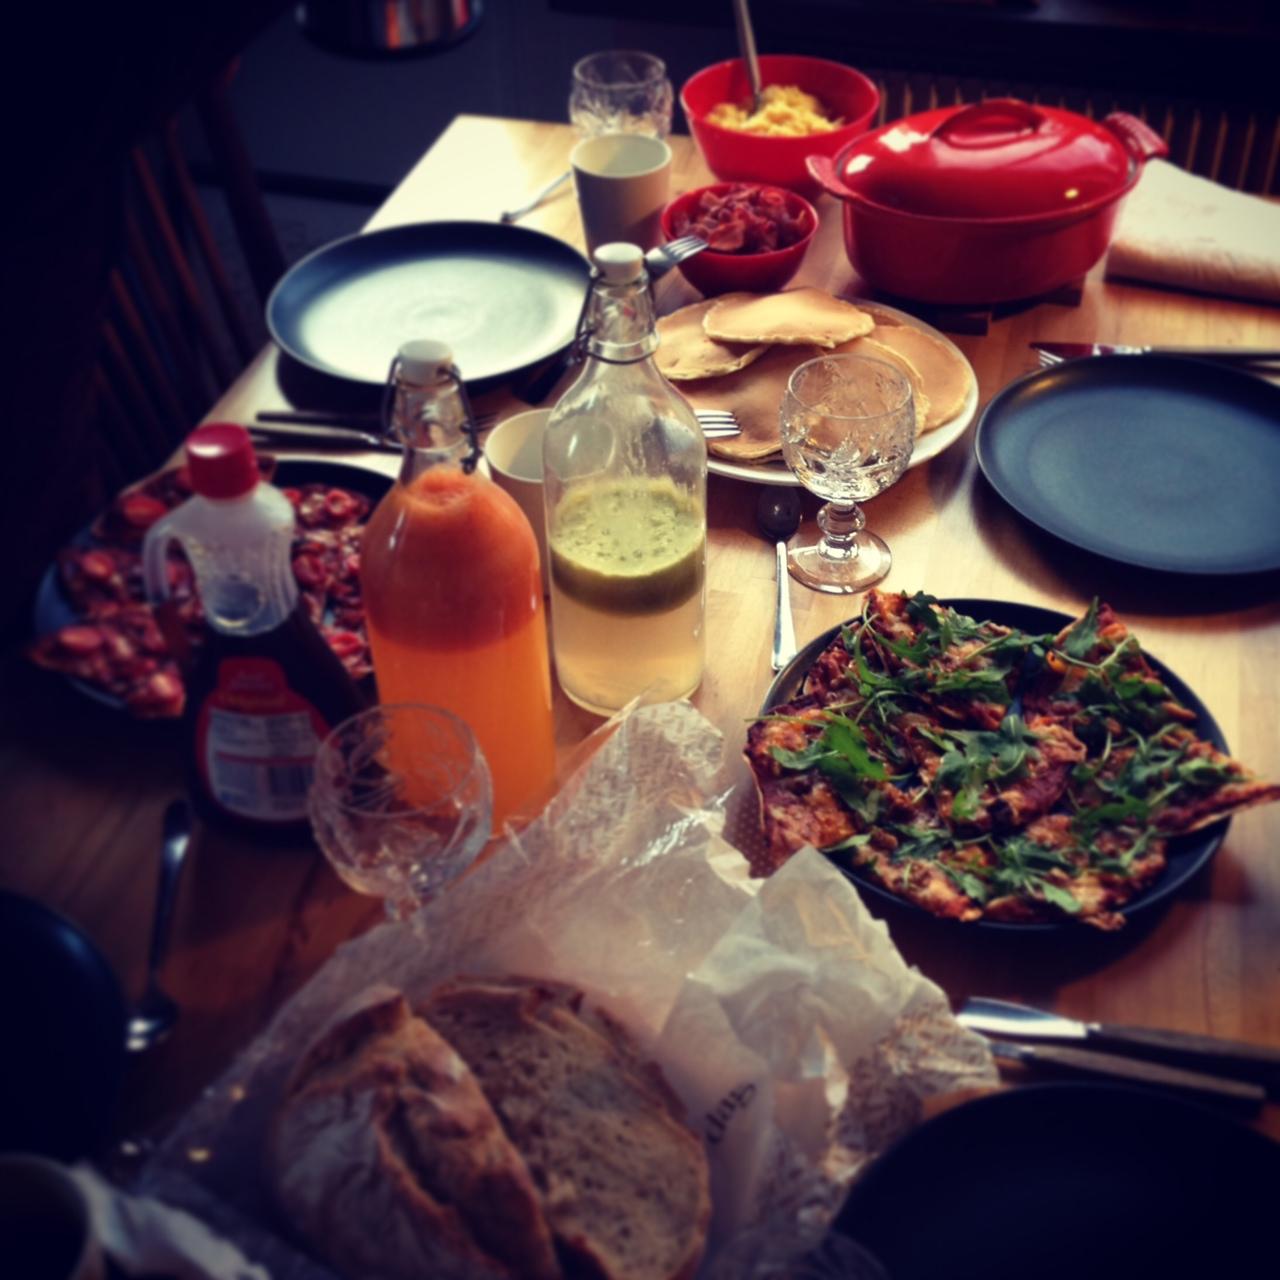 Nyårsdagens brunch med äppel- & pistagechutney och Annas pizzor